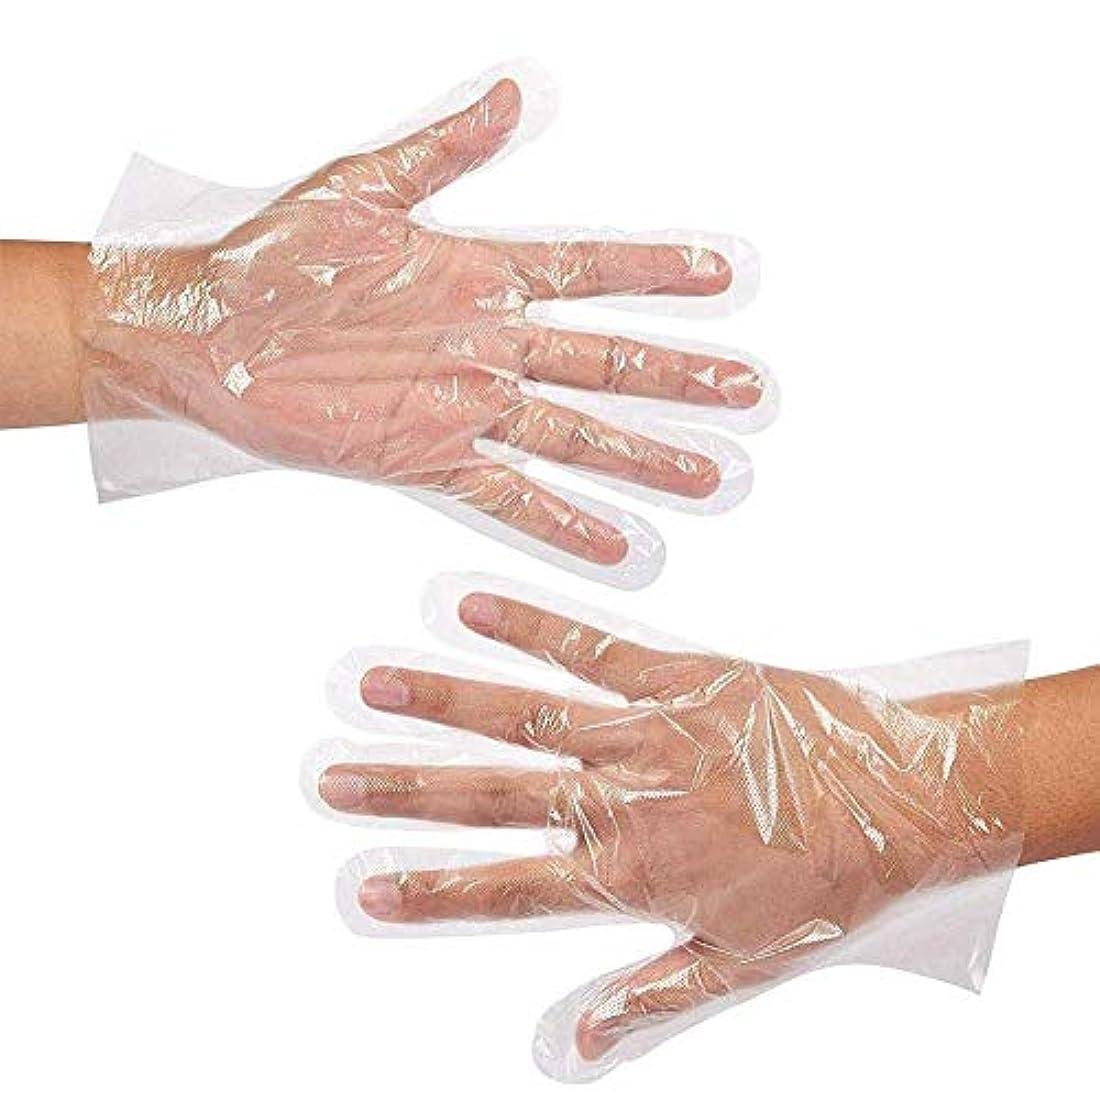 大惨事封建なぜ600枚入使い捨て手袋 品 実用 セット食極薄手袋 極薄ビニール手袋 調理用 お掃除に 調理に 毛染めに 食品衛生法適合 透明